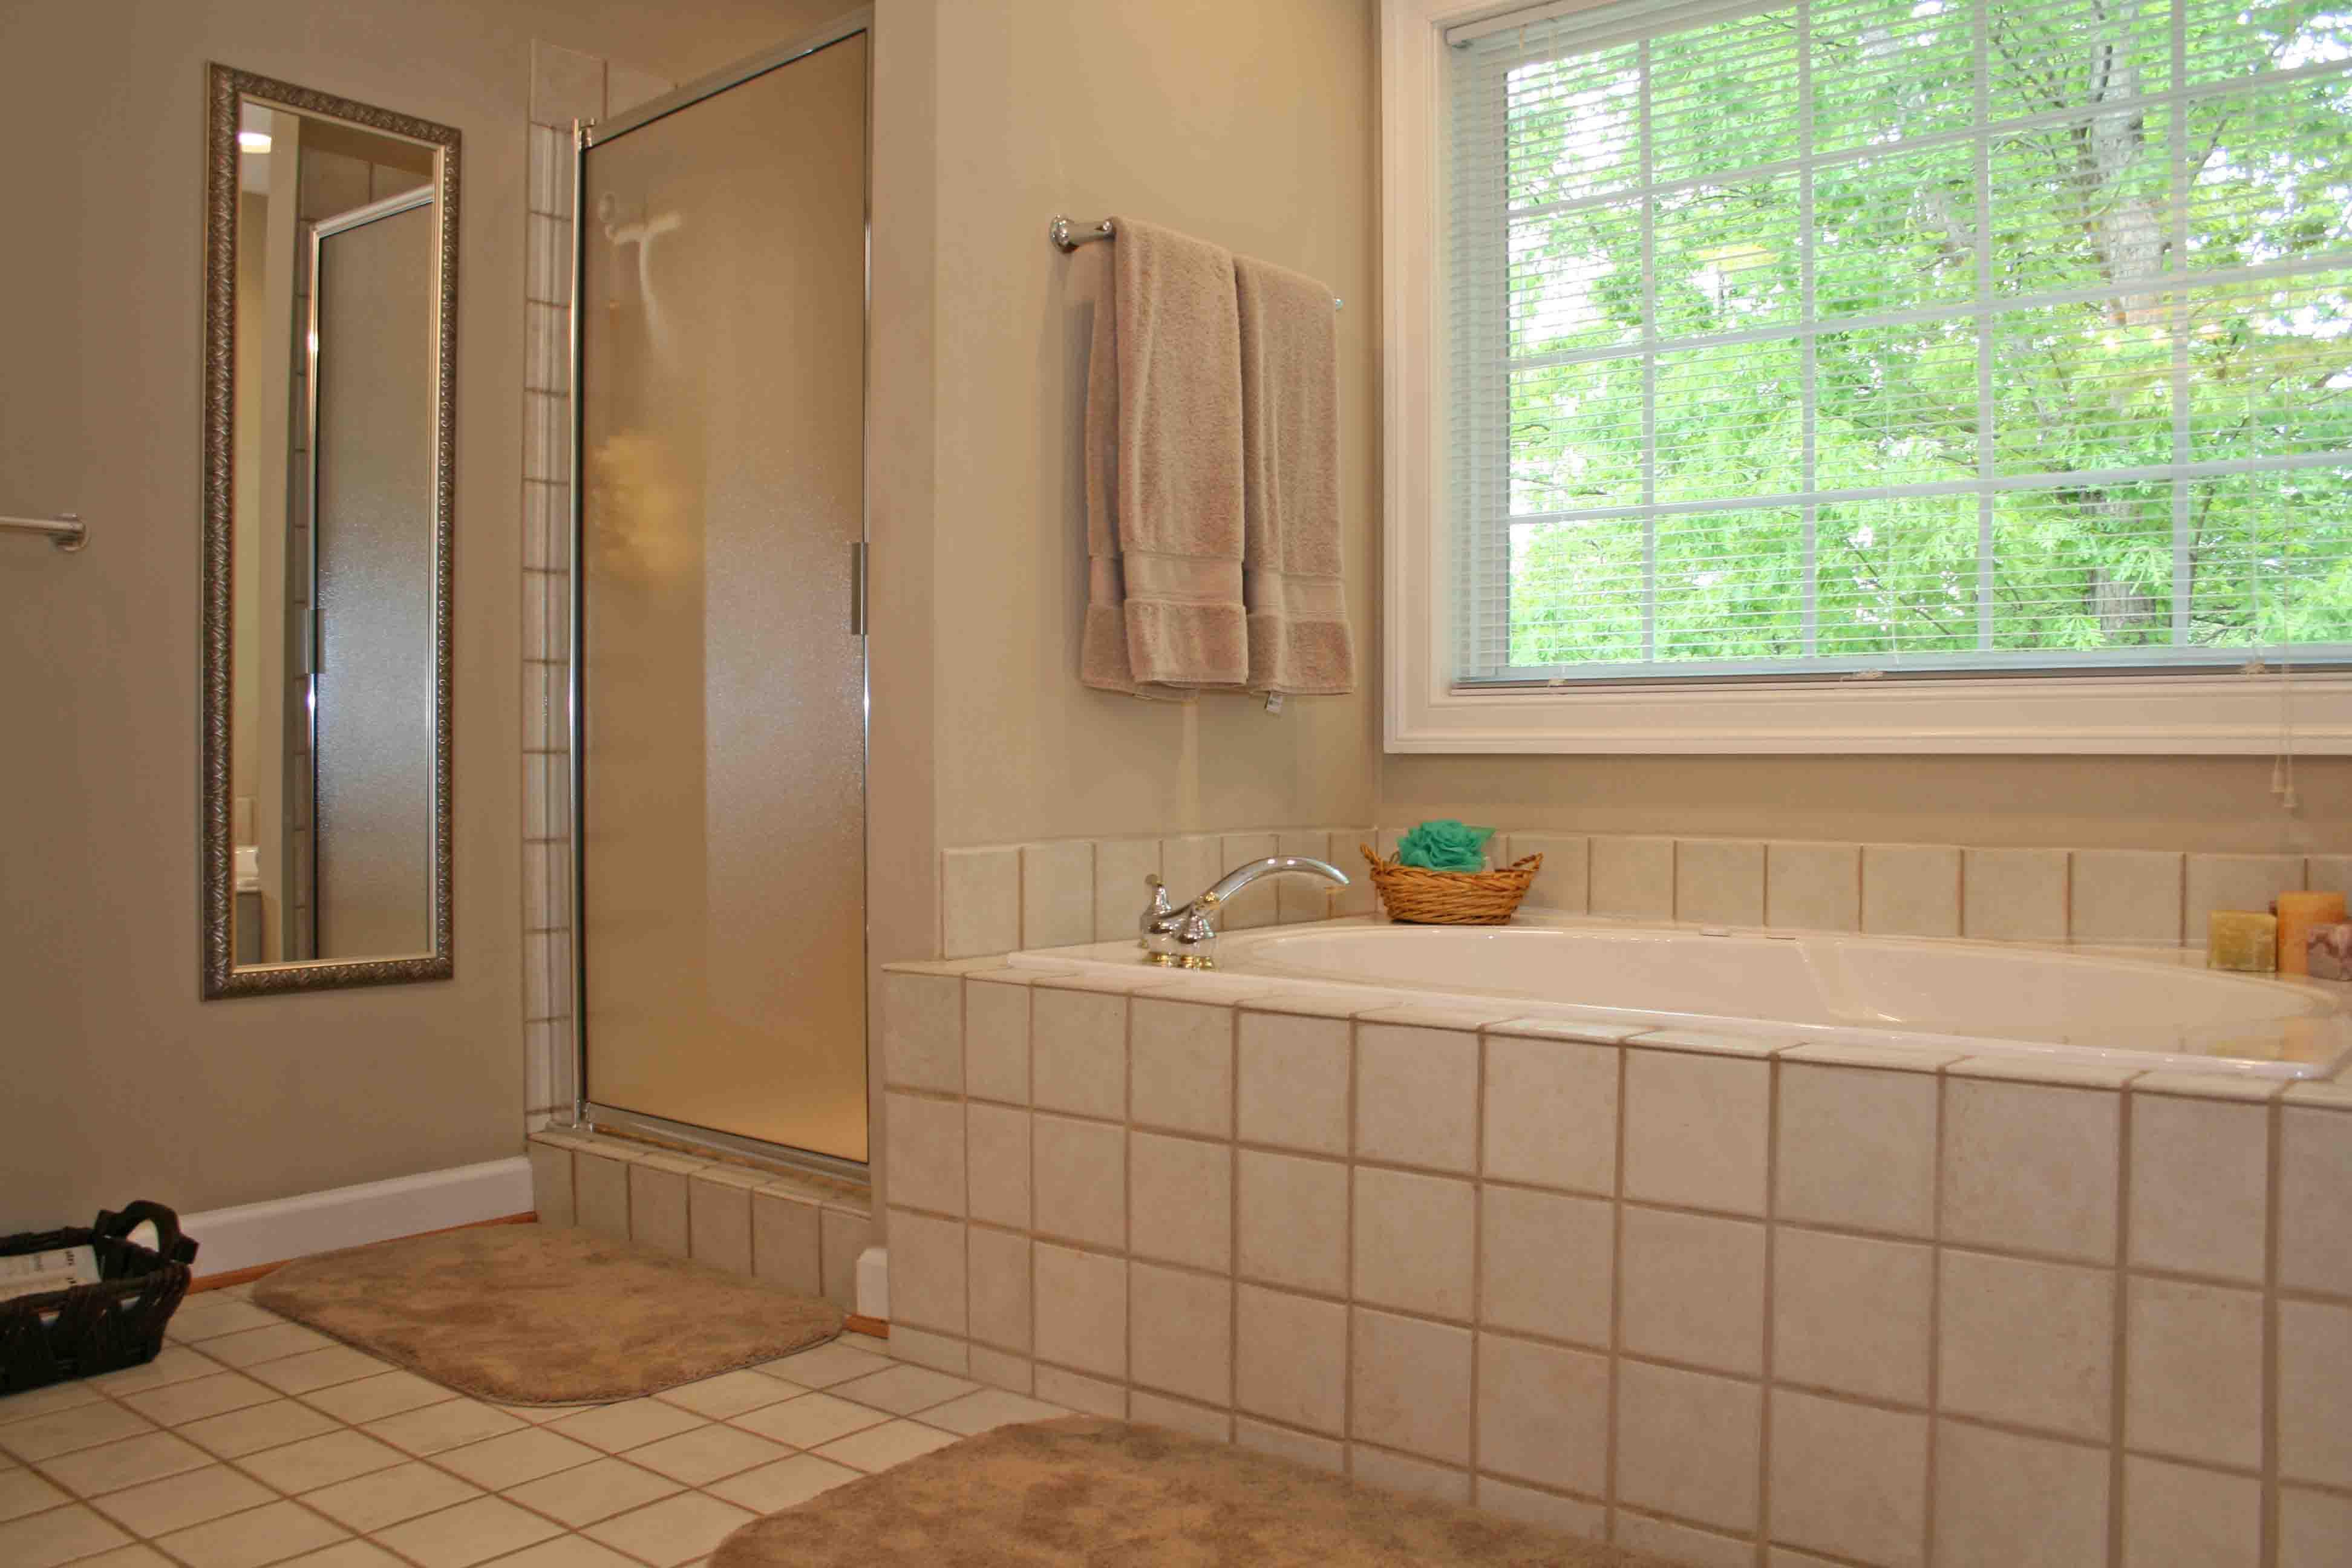 Badkamertegels en Voegen schoonmaken - Tips & Advies | Wiki Wonen